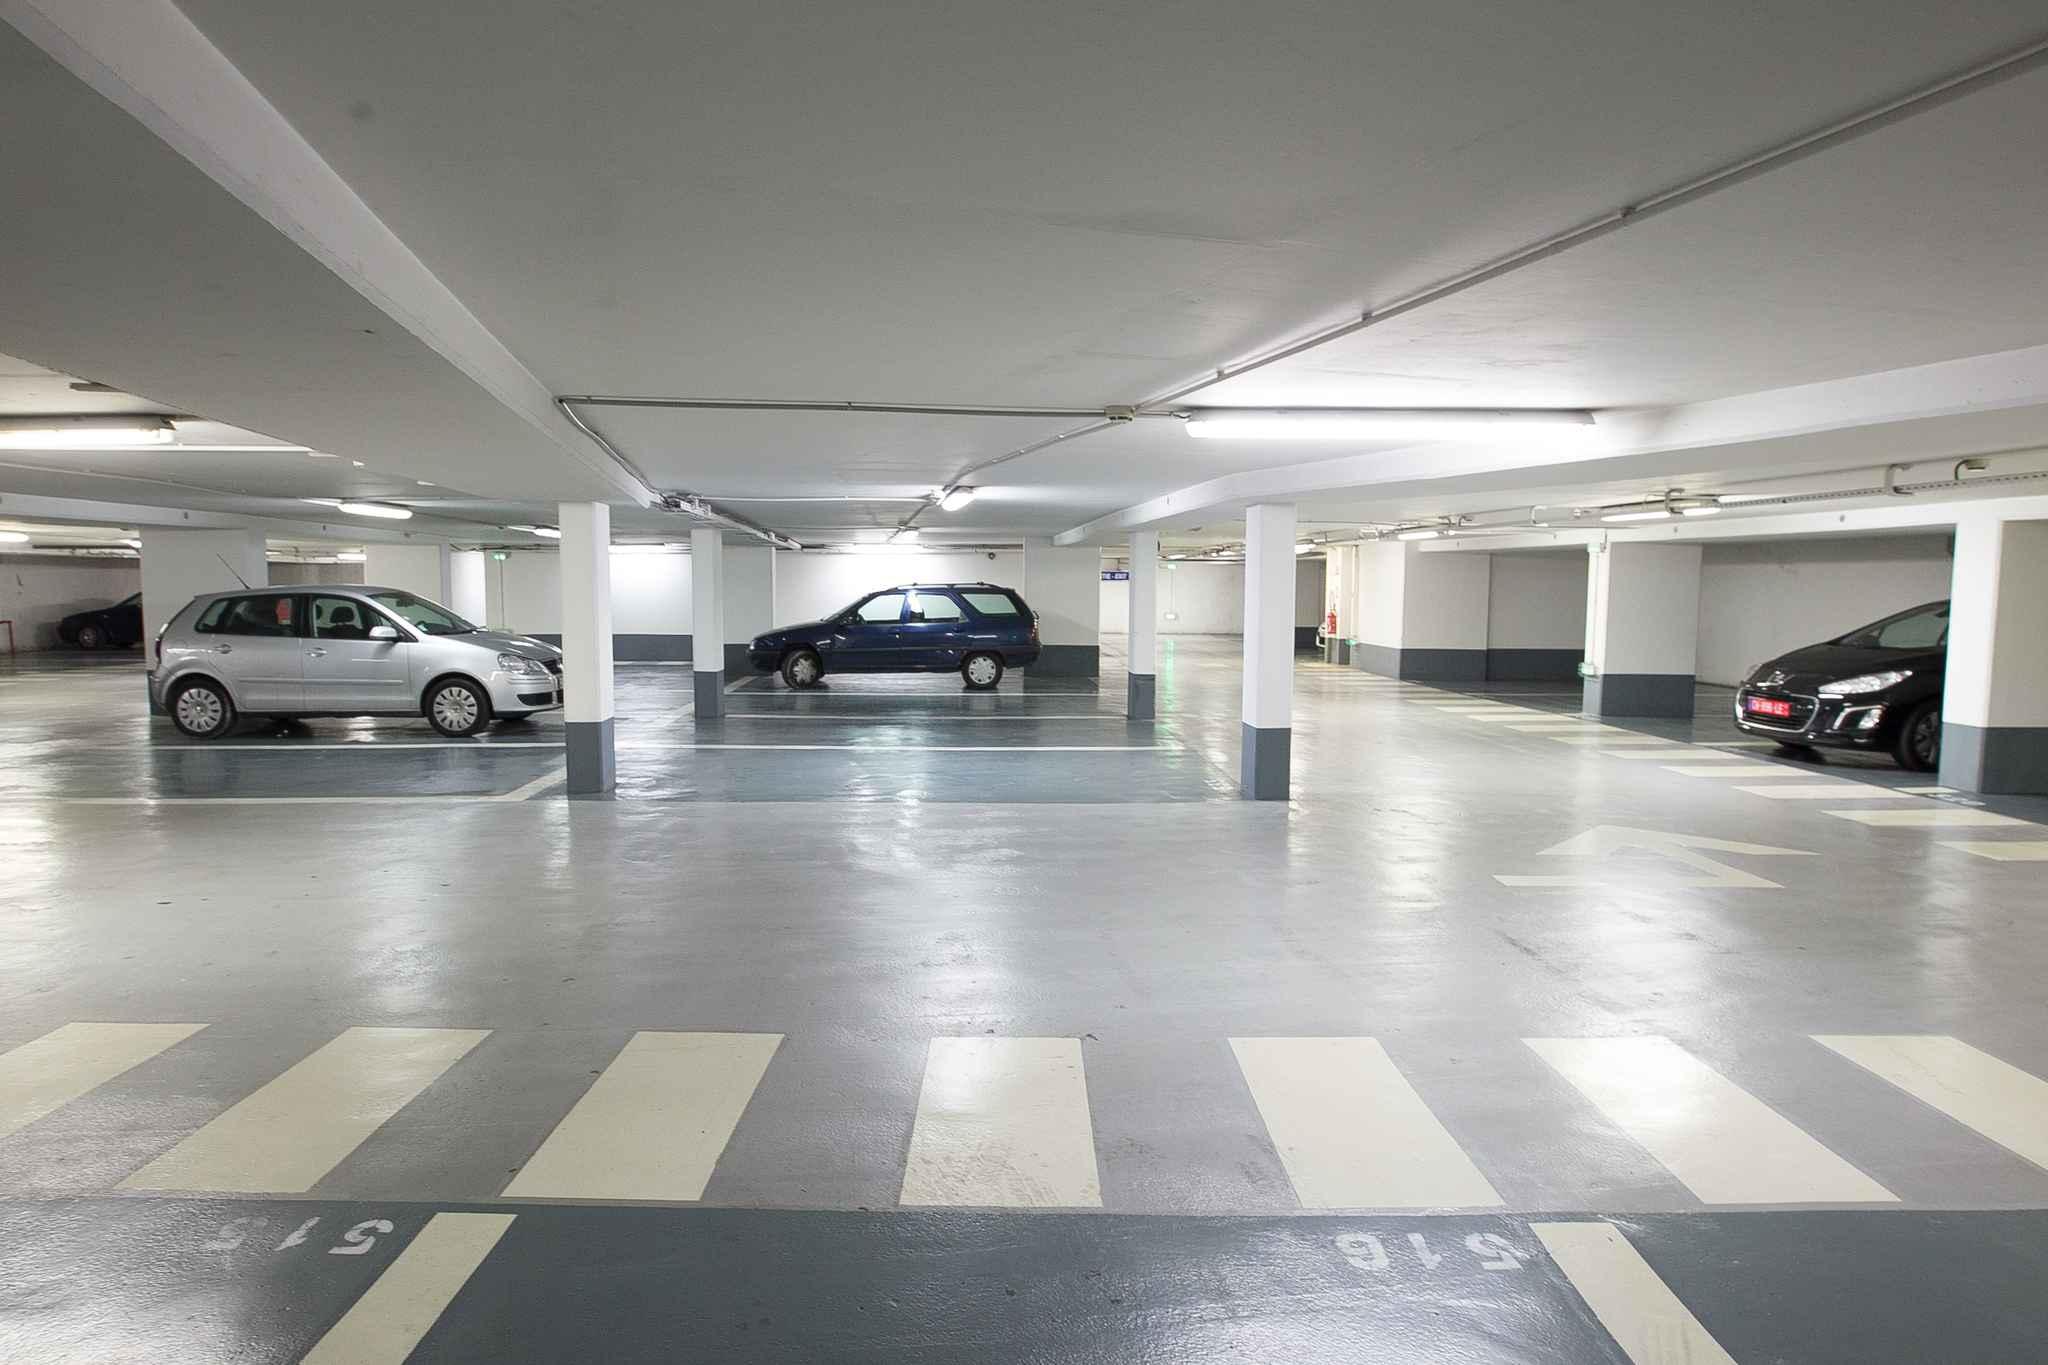 Location parking Marseille : problème de stationnement